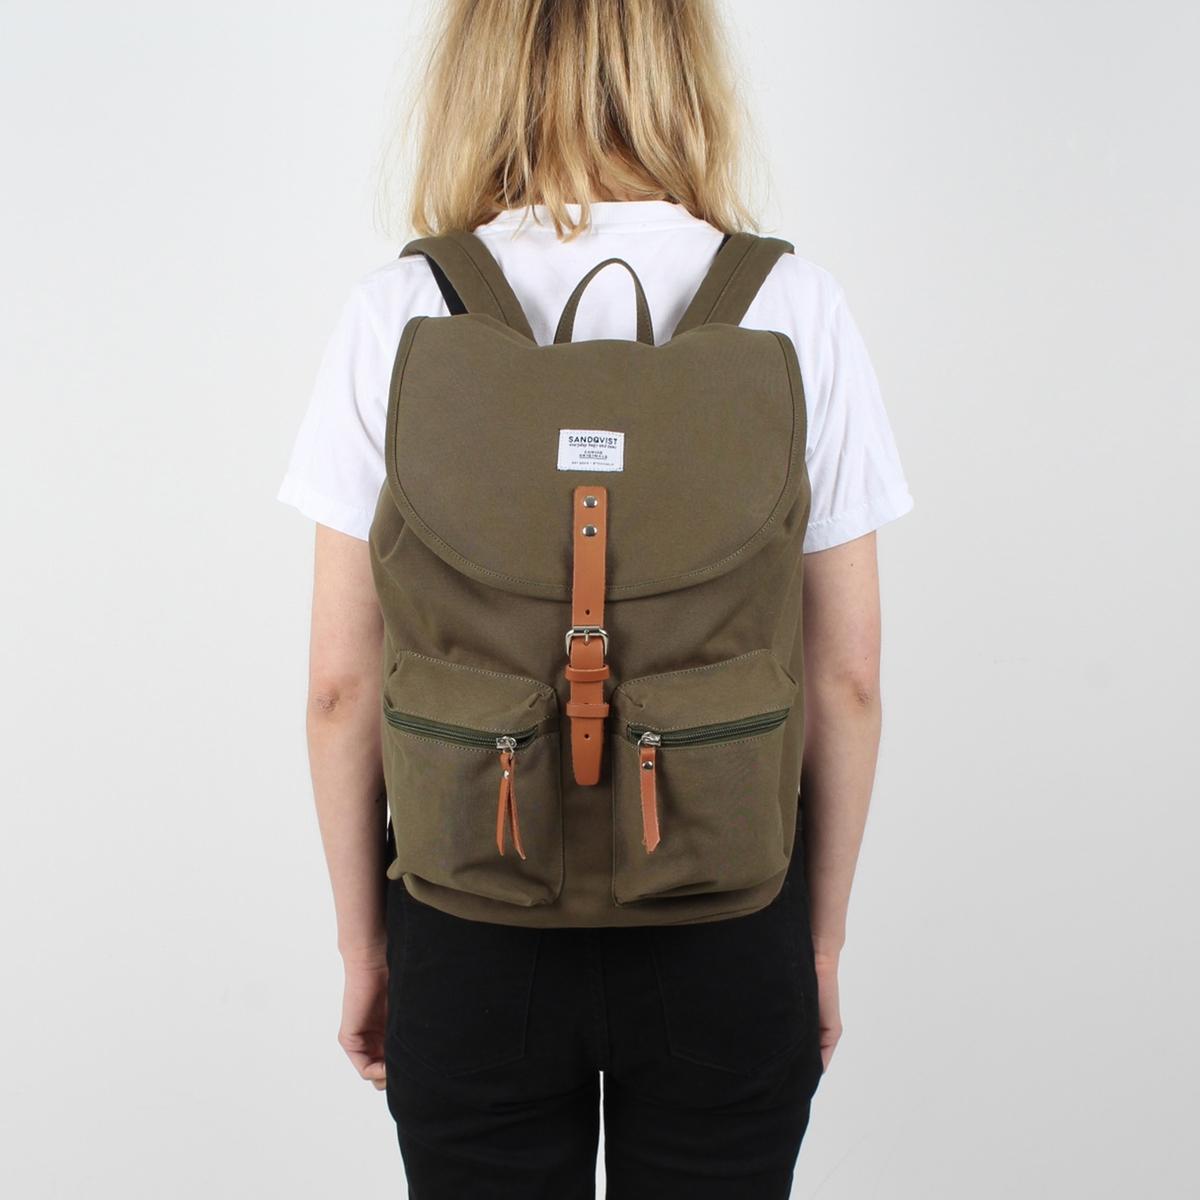 Рюкзак разноцветный ROALDОписание:Рюкзак разноцветный SANDQVIST - модель ROALD  : рюкзак с рючкой для переноски в руке, с 2 регулируемыми лямками и 2 небольшими карманами спереди .Детали •  Завязки •  Кожаный ремешок с металлической пряжкой  •  Внутренний карман на молнии •  Два небольших кармана на молнии снаружи  •  Внутренний карман для планшета (26 x 29 x 2 см) •  Внутренний карман для планшета 15 дюймов (подходит для большинства планшетов 15 дюймов) •  Размеры : 28 x 36 x 17 см •  Вместимость 17лСостав и уход •  Биохлопок и полиэстер вторичной переработки  •  65% биохлопка, 35% полиэстера вторичной переработки  •  Вставки из кожи высокого качества •  Подкладка 100% полиэстер вторичной переработки   •  Следуйте инструкции по уходу, указанной на этикетке.<br><br>Цвет: хаки